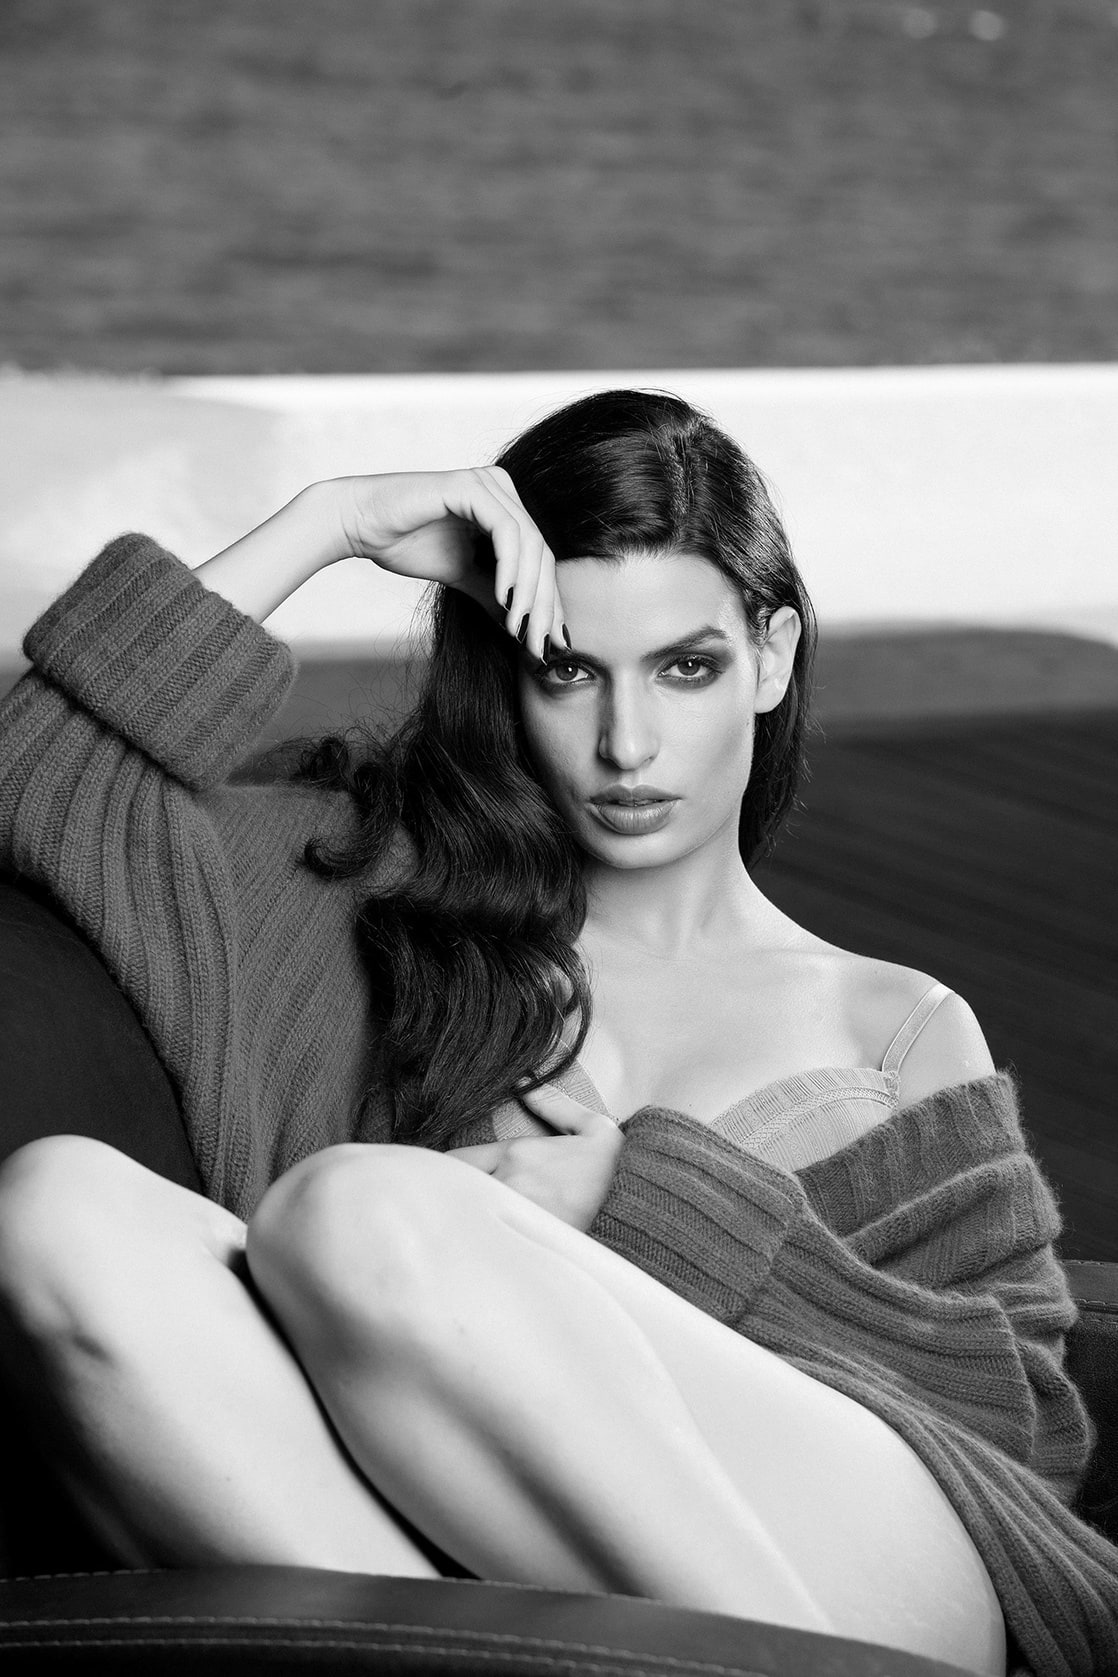 2019 Tonia Sotiropoulou nudes (64 photo), Tits, Hot, Boobs, underwear 2020